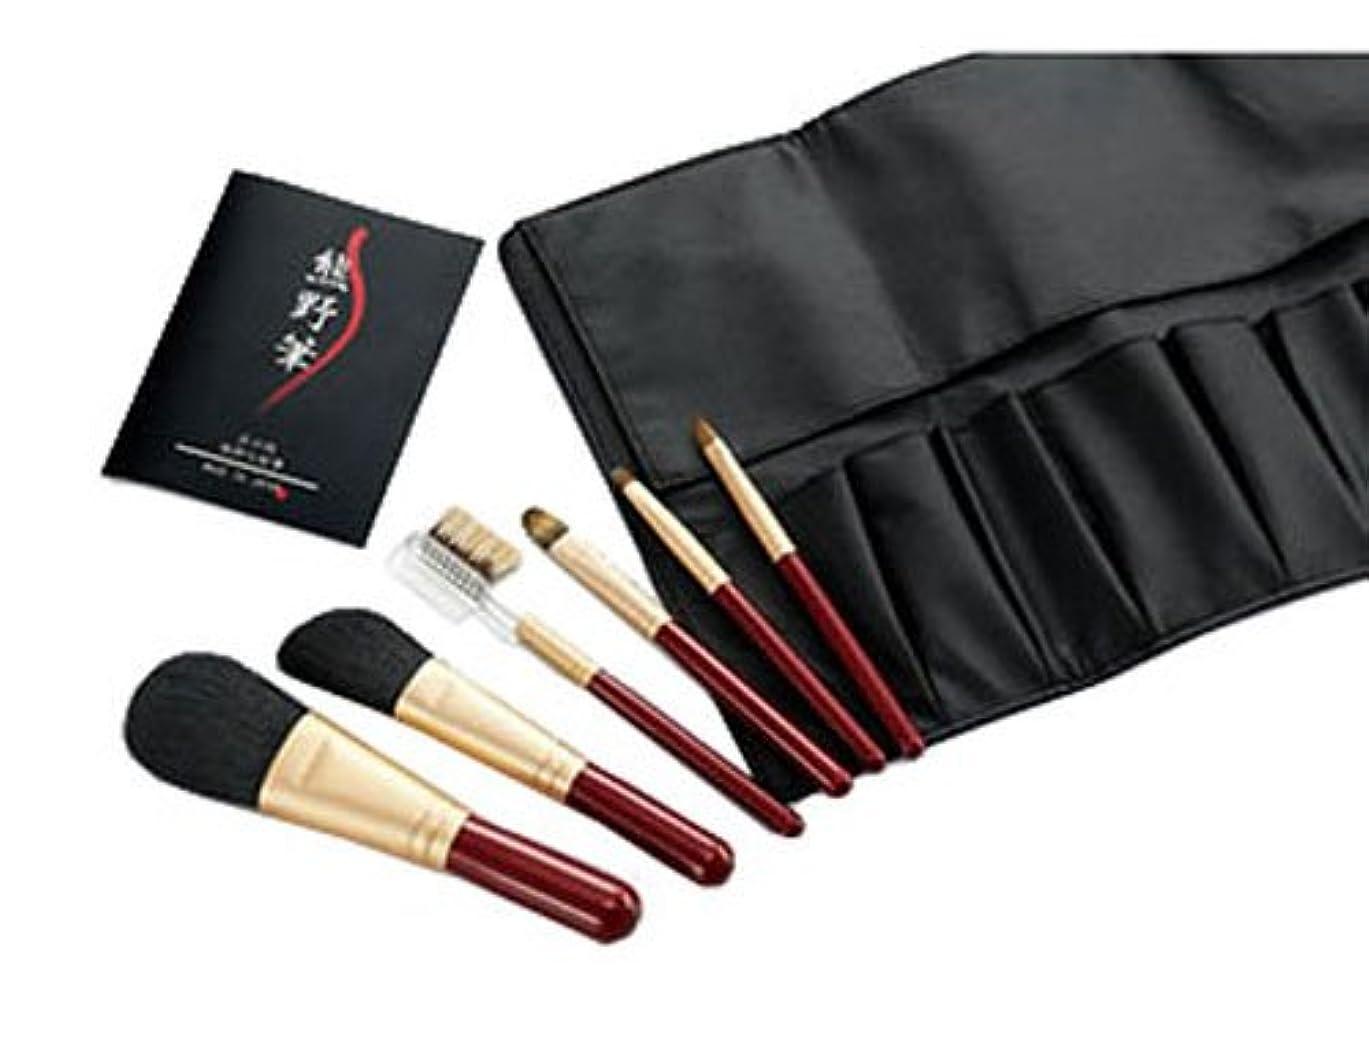 各パテ汚染された熊野筆 化粧筆セット KFi-R156